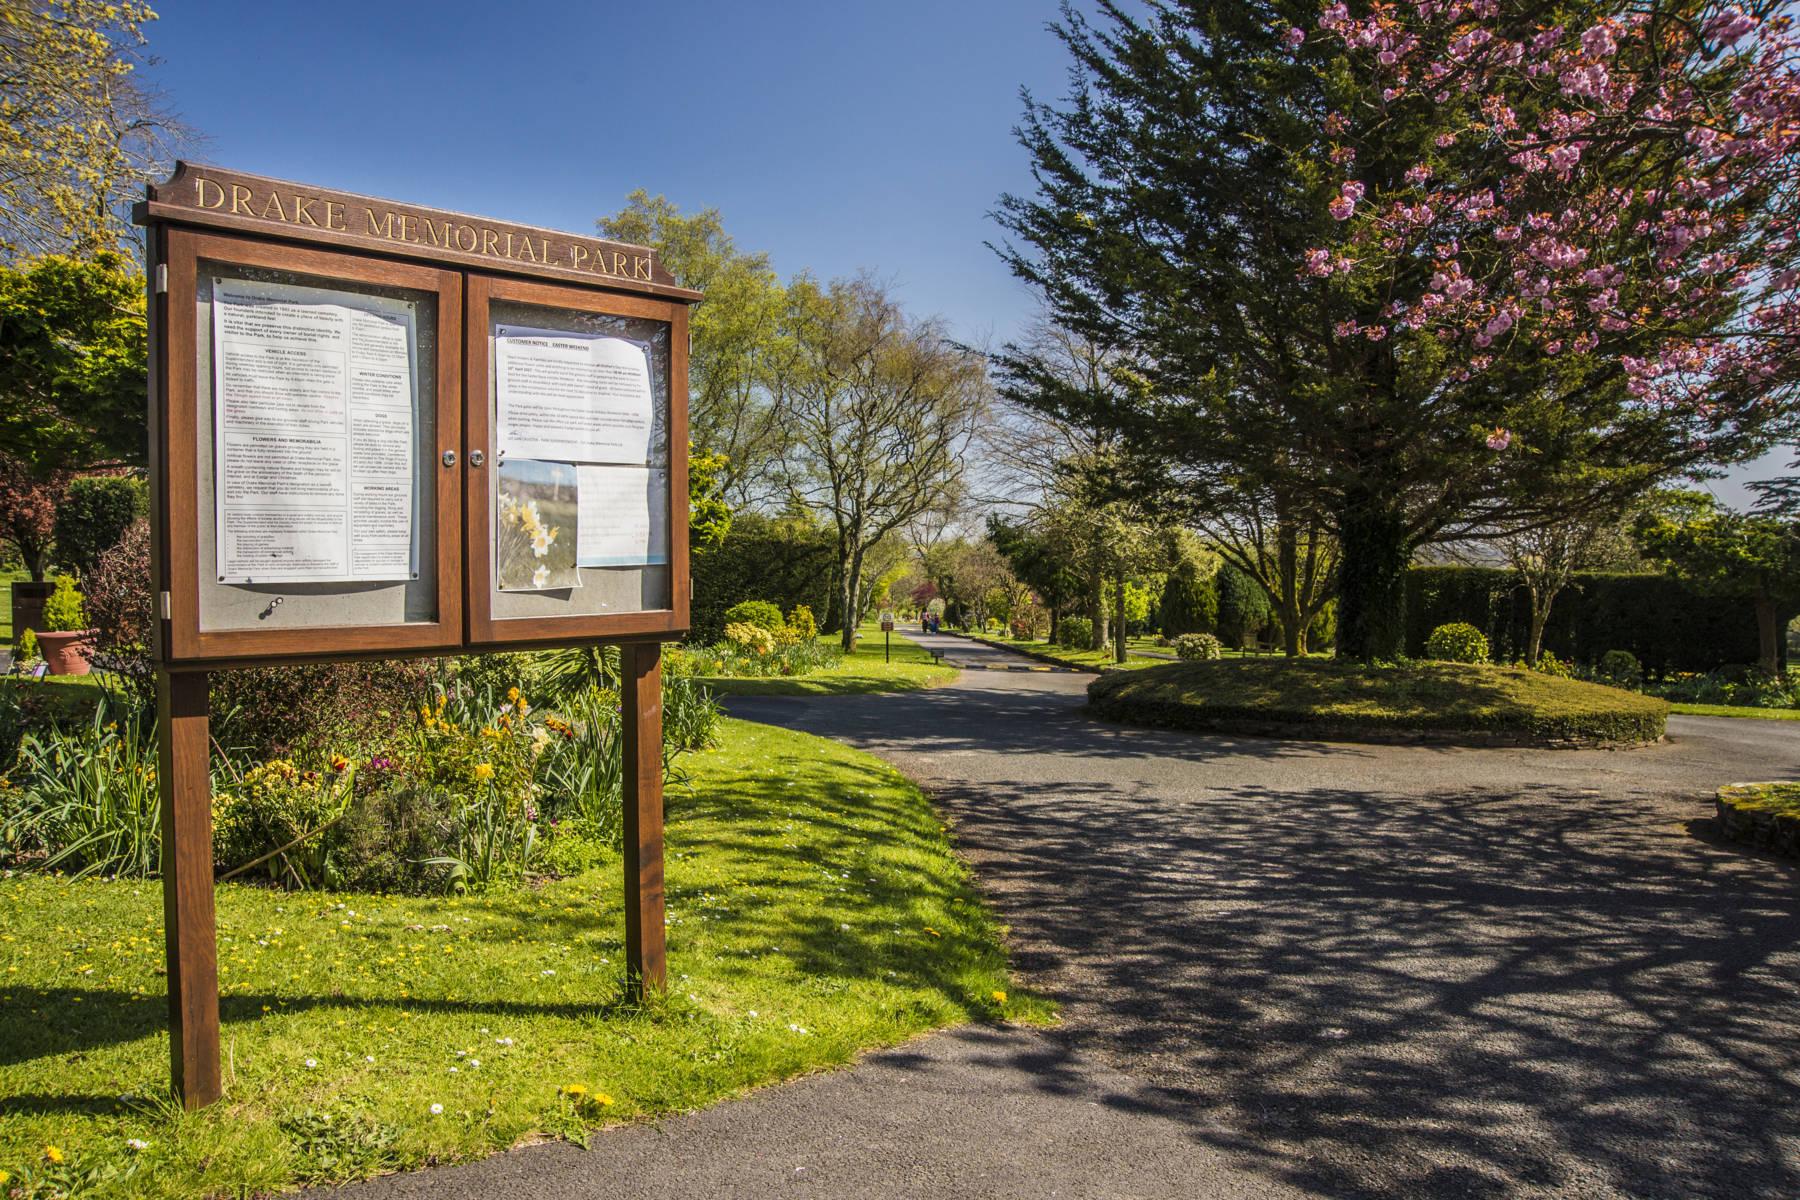 http://drakememorialpark.co.uk/upload/gallery_image/090f54270319114640.JPG